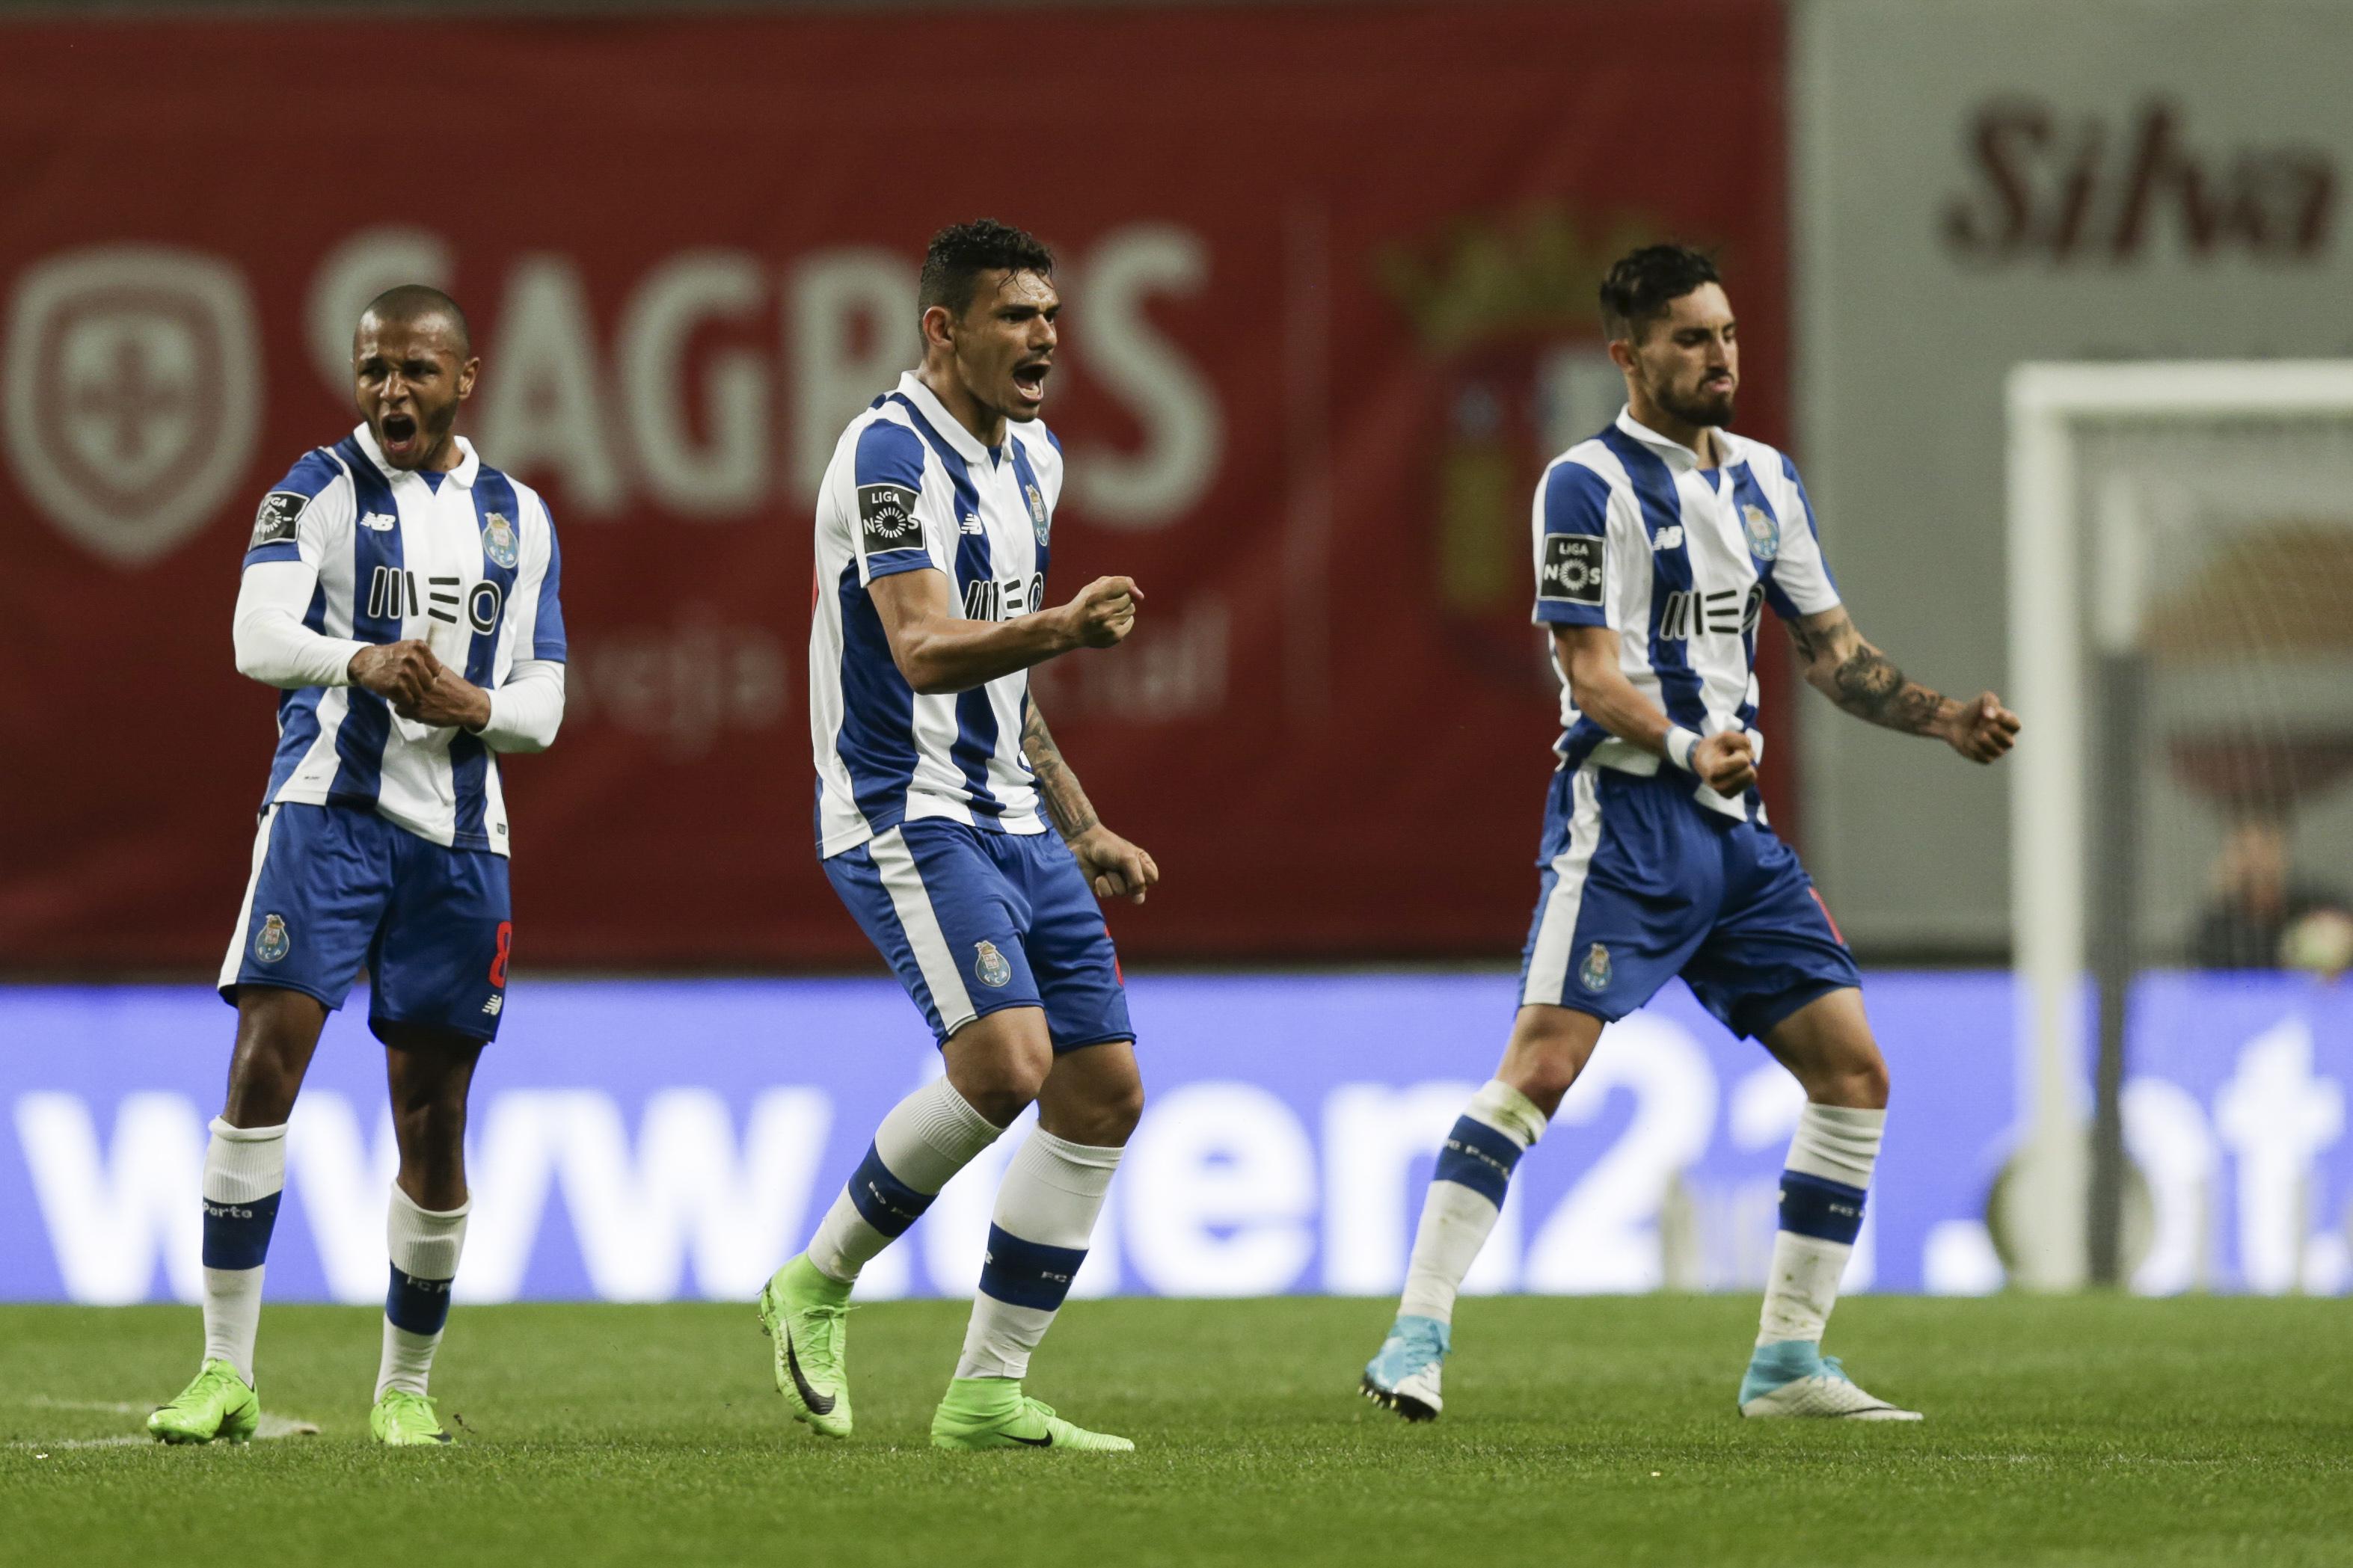 FC Porto sob 'brasas' em Chaves, Benfica reencontra difícil Estoril-Praia